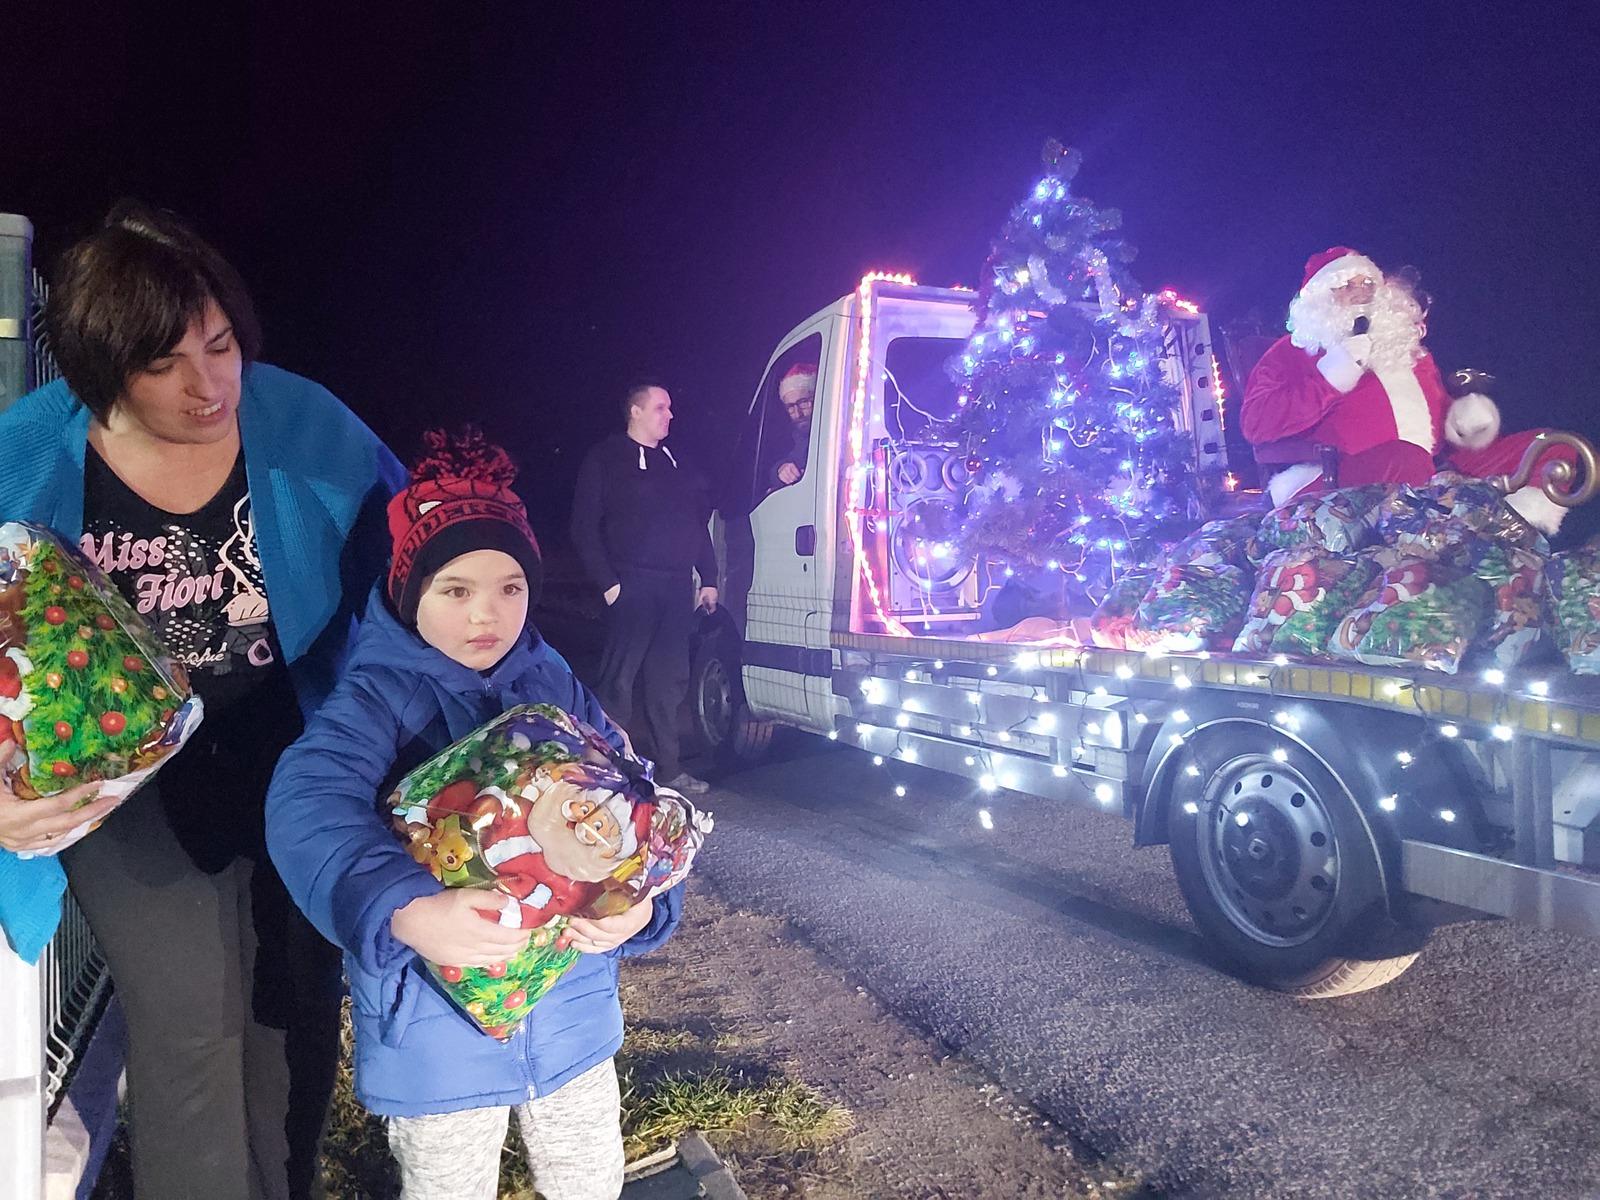 Dziecko odebrało prezent od św. Mikołaja, w tle orszak świętego